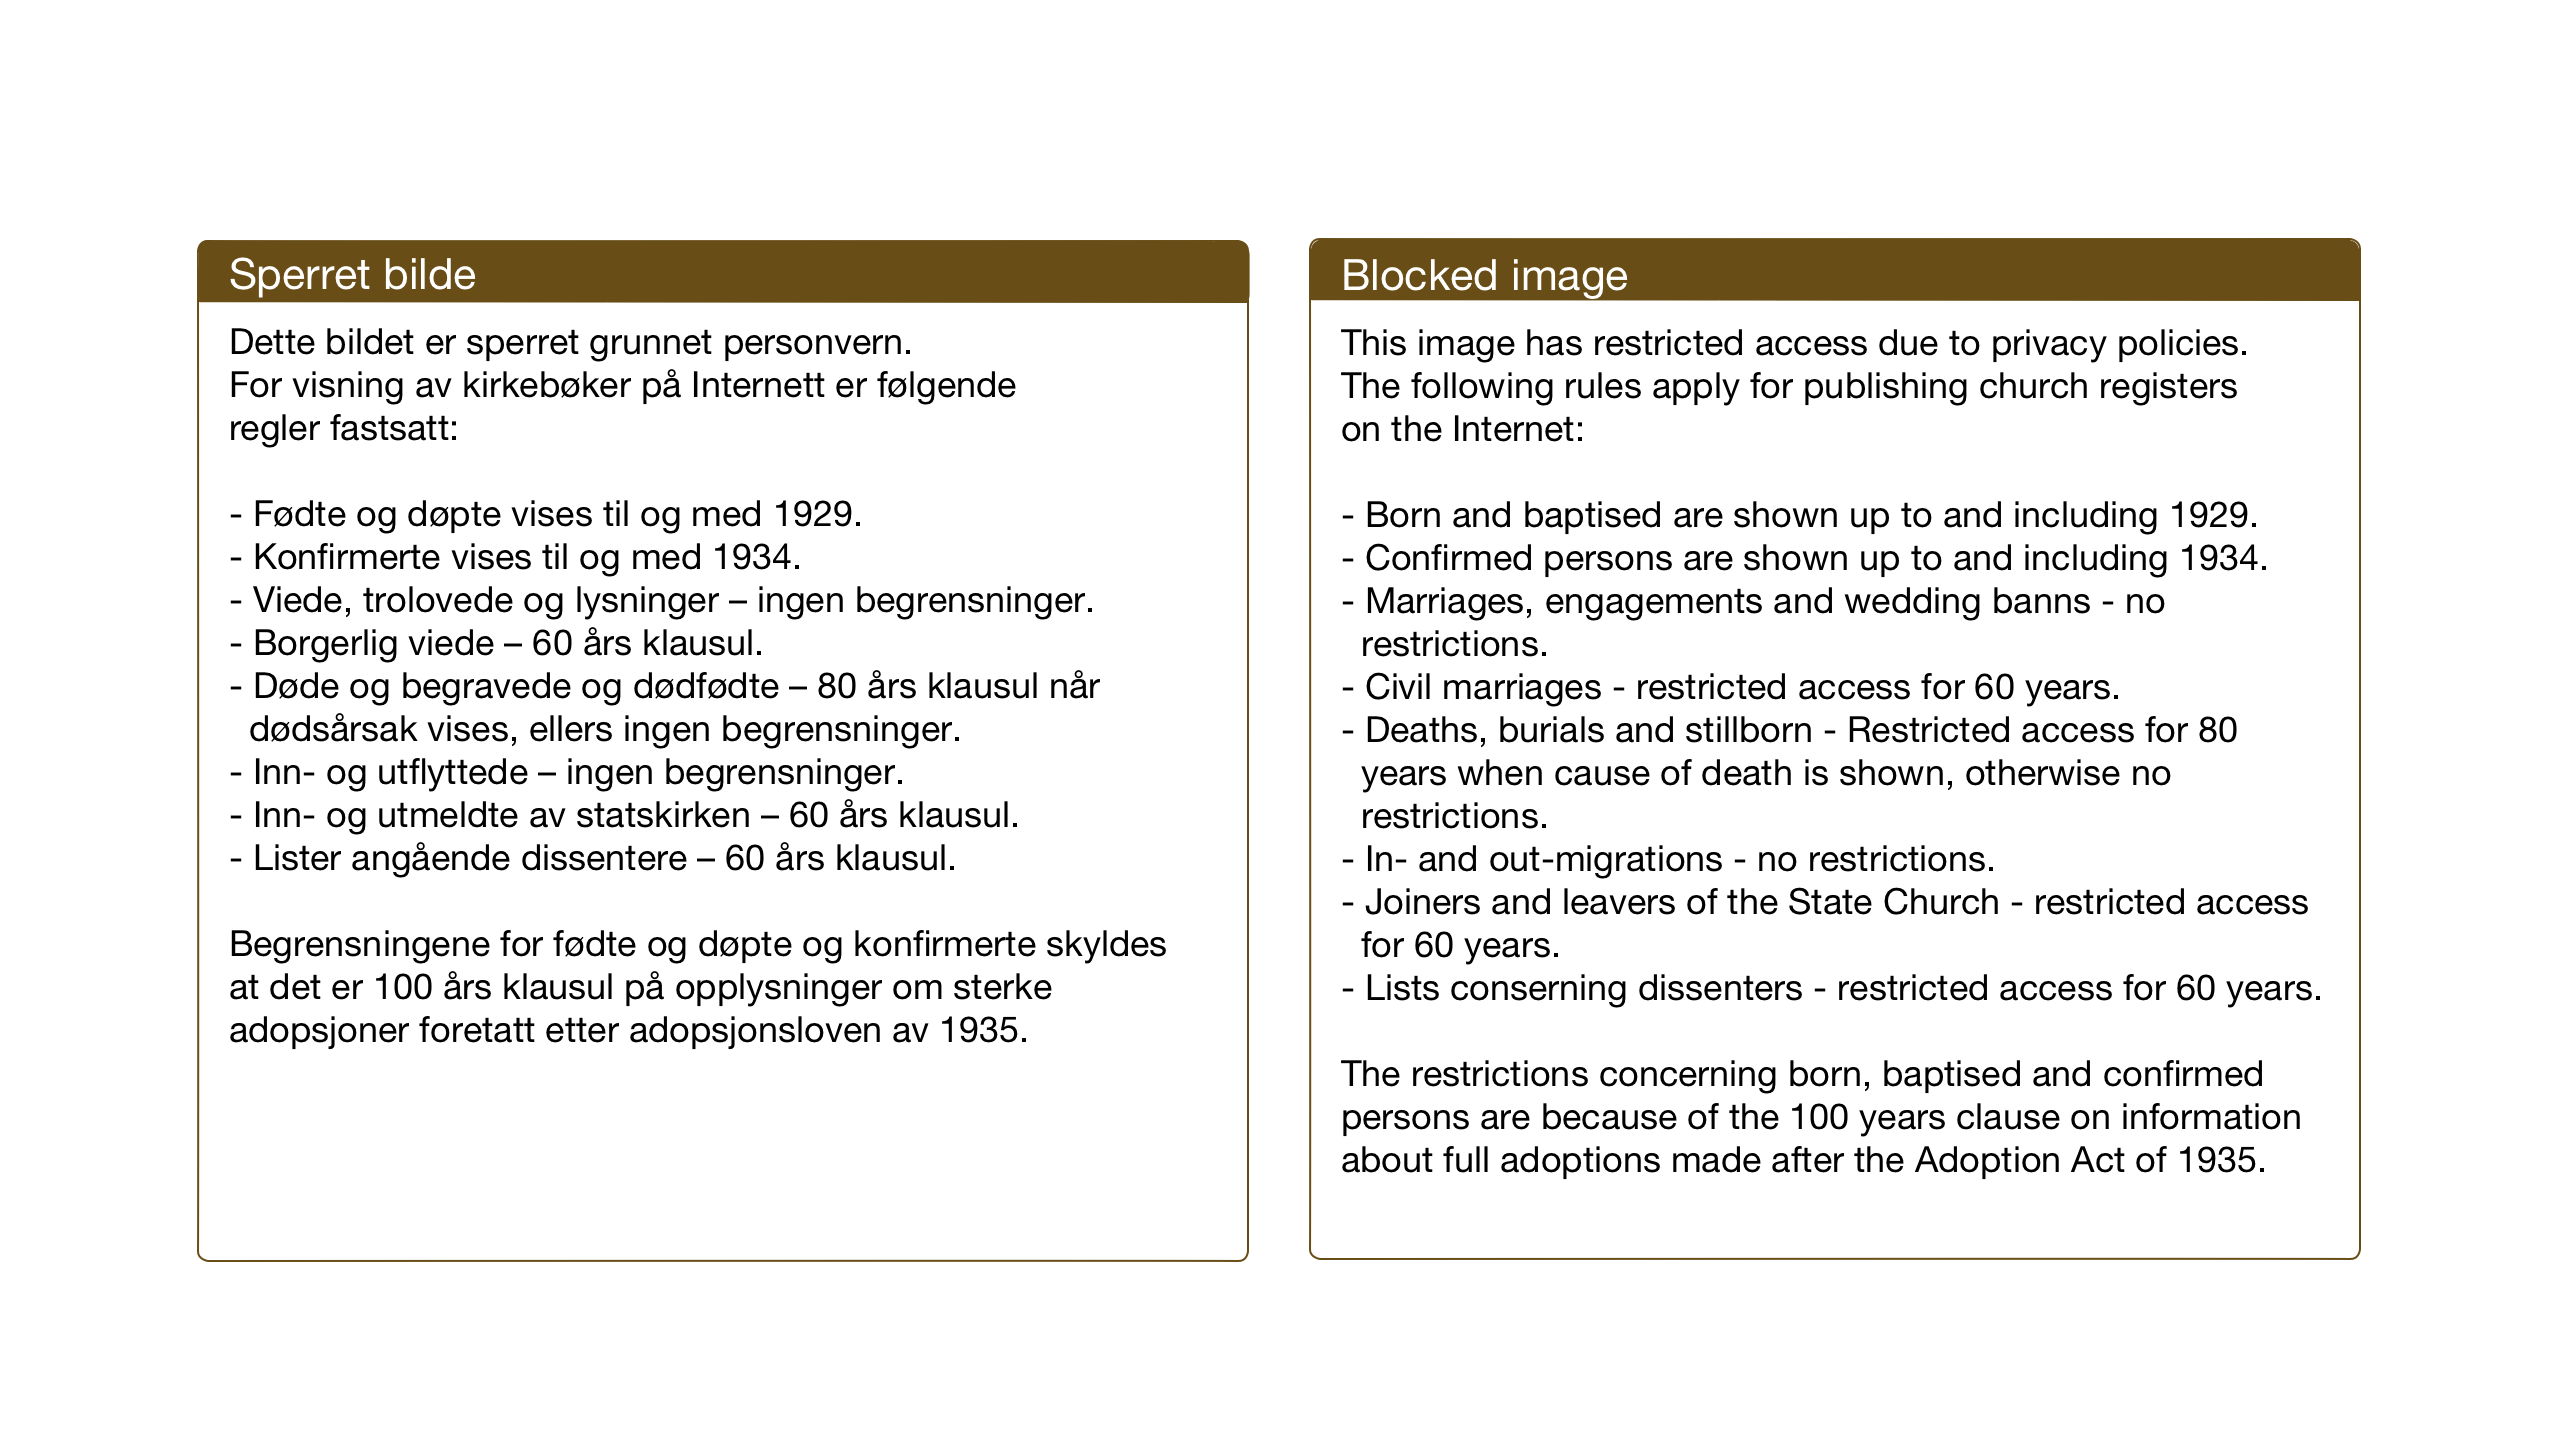 SAT, Ministerialprotokoller, klokkerbøker og fødselsregistre - Sør-Trøndelag, 641/L0599: Klokkerbok nr. 641C03, 1910-1938, s. 85